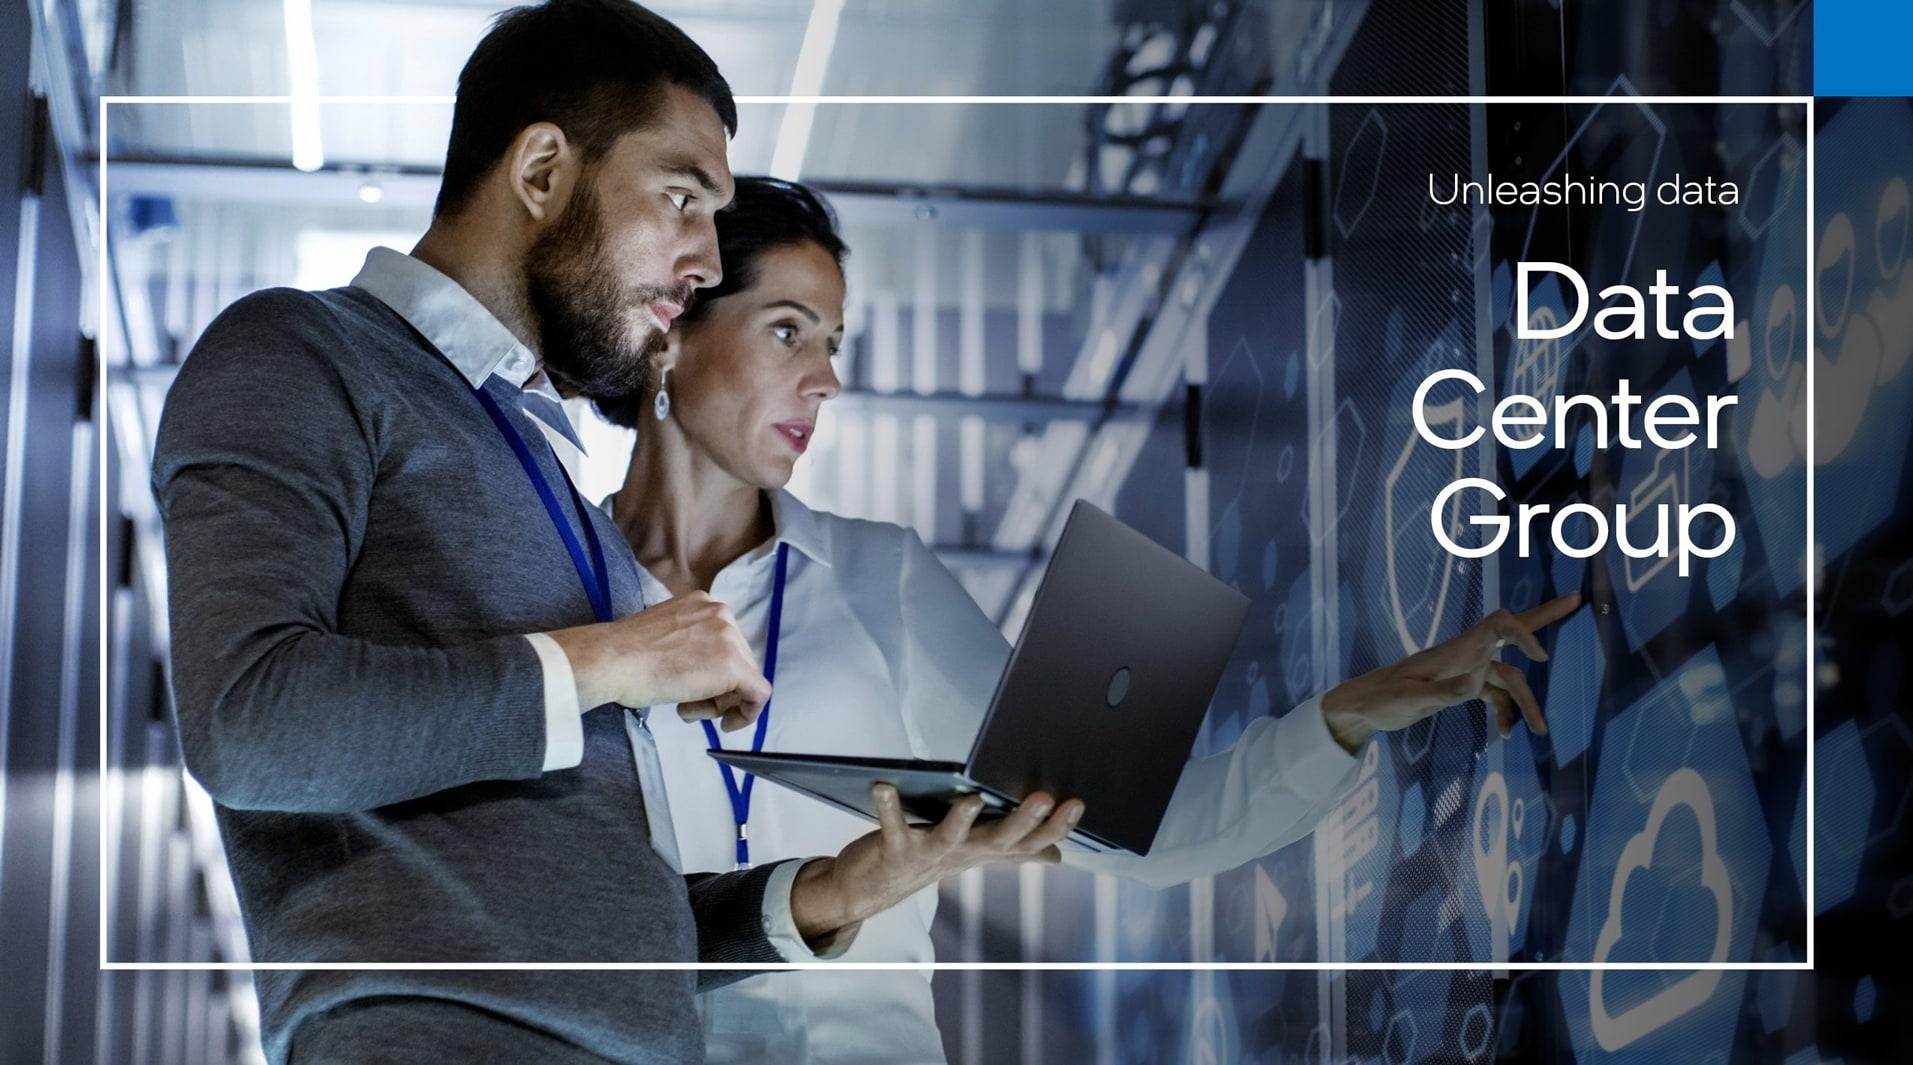 Data Center Group